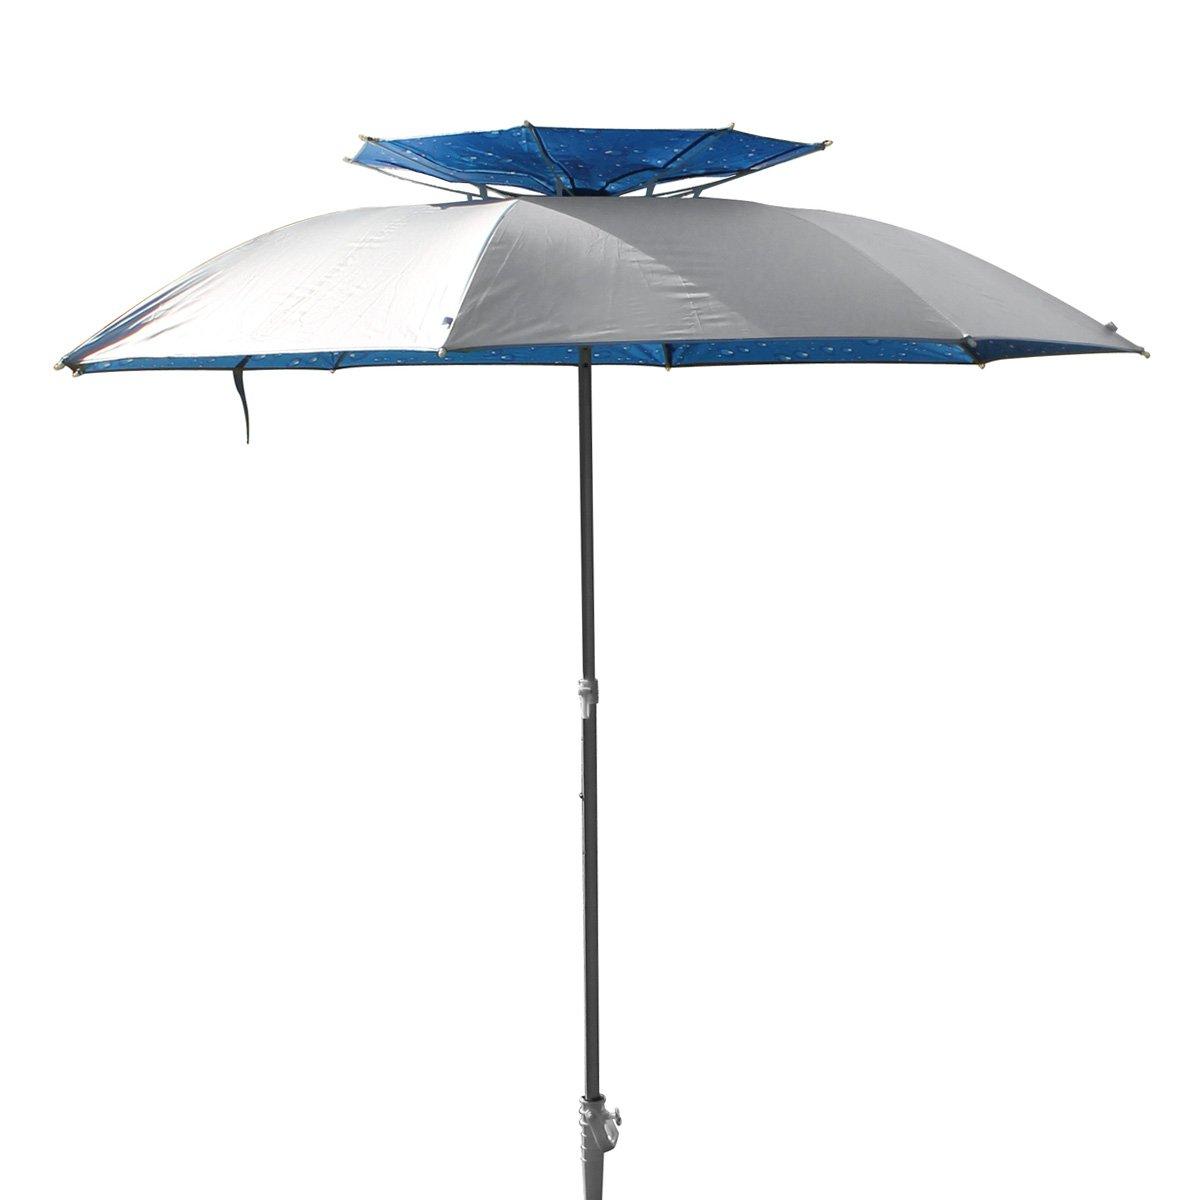 Sombrilla XXL, 190 cm de diámetro, con soporte y espiga de tornillo, de fibra de carbono, pongee y aluminio, protección UV de 30, para playa, tierra, ...